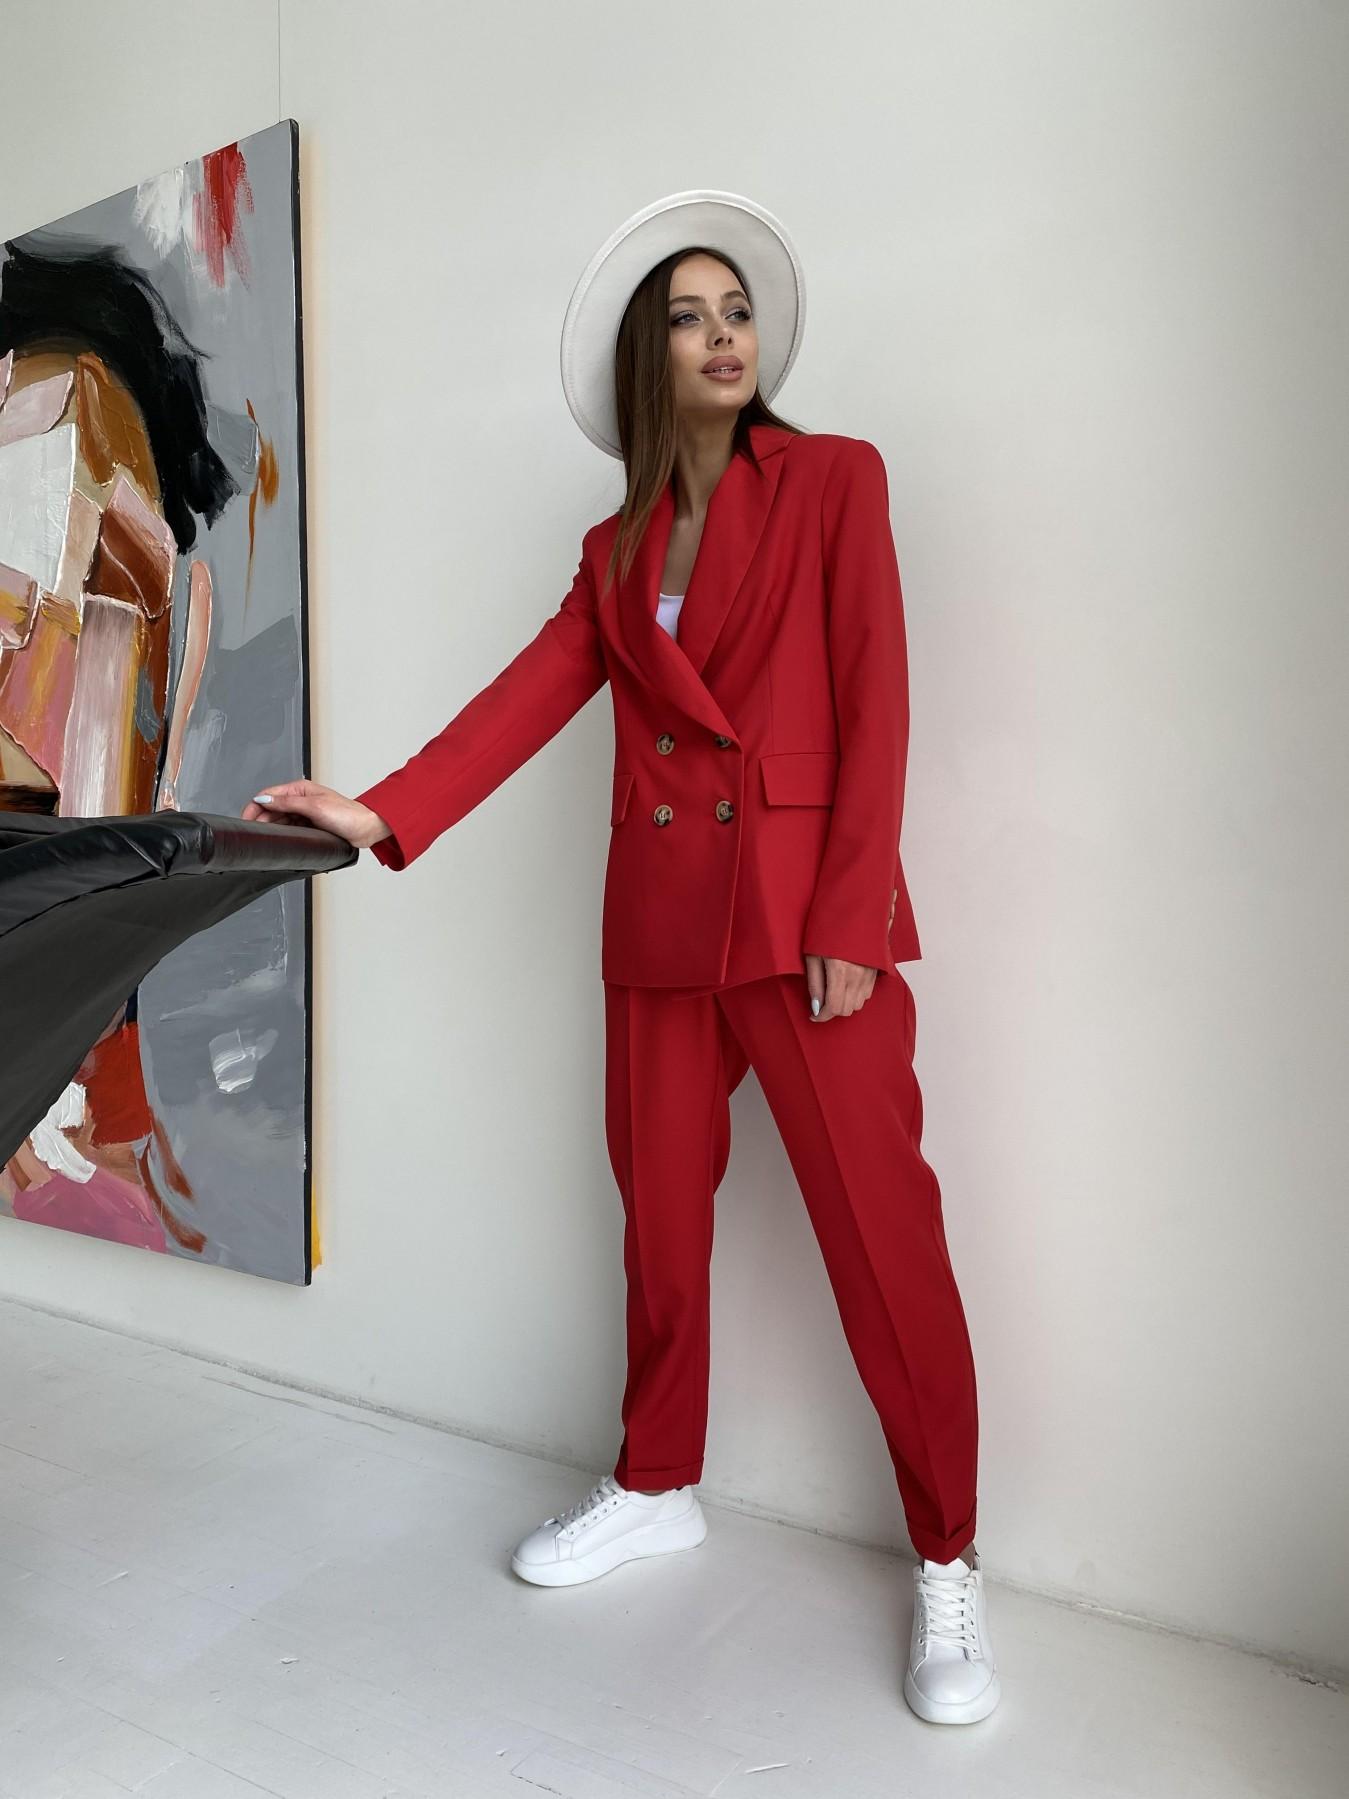 Франко костюм из костюмной ткани 11090 АРТ. 47798 Цвет: Красный - фото 6, интернет магазин tm-modus.ru